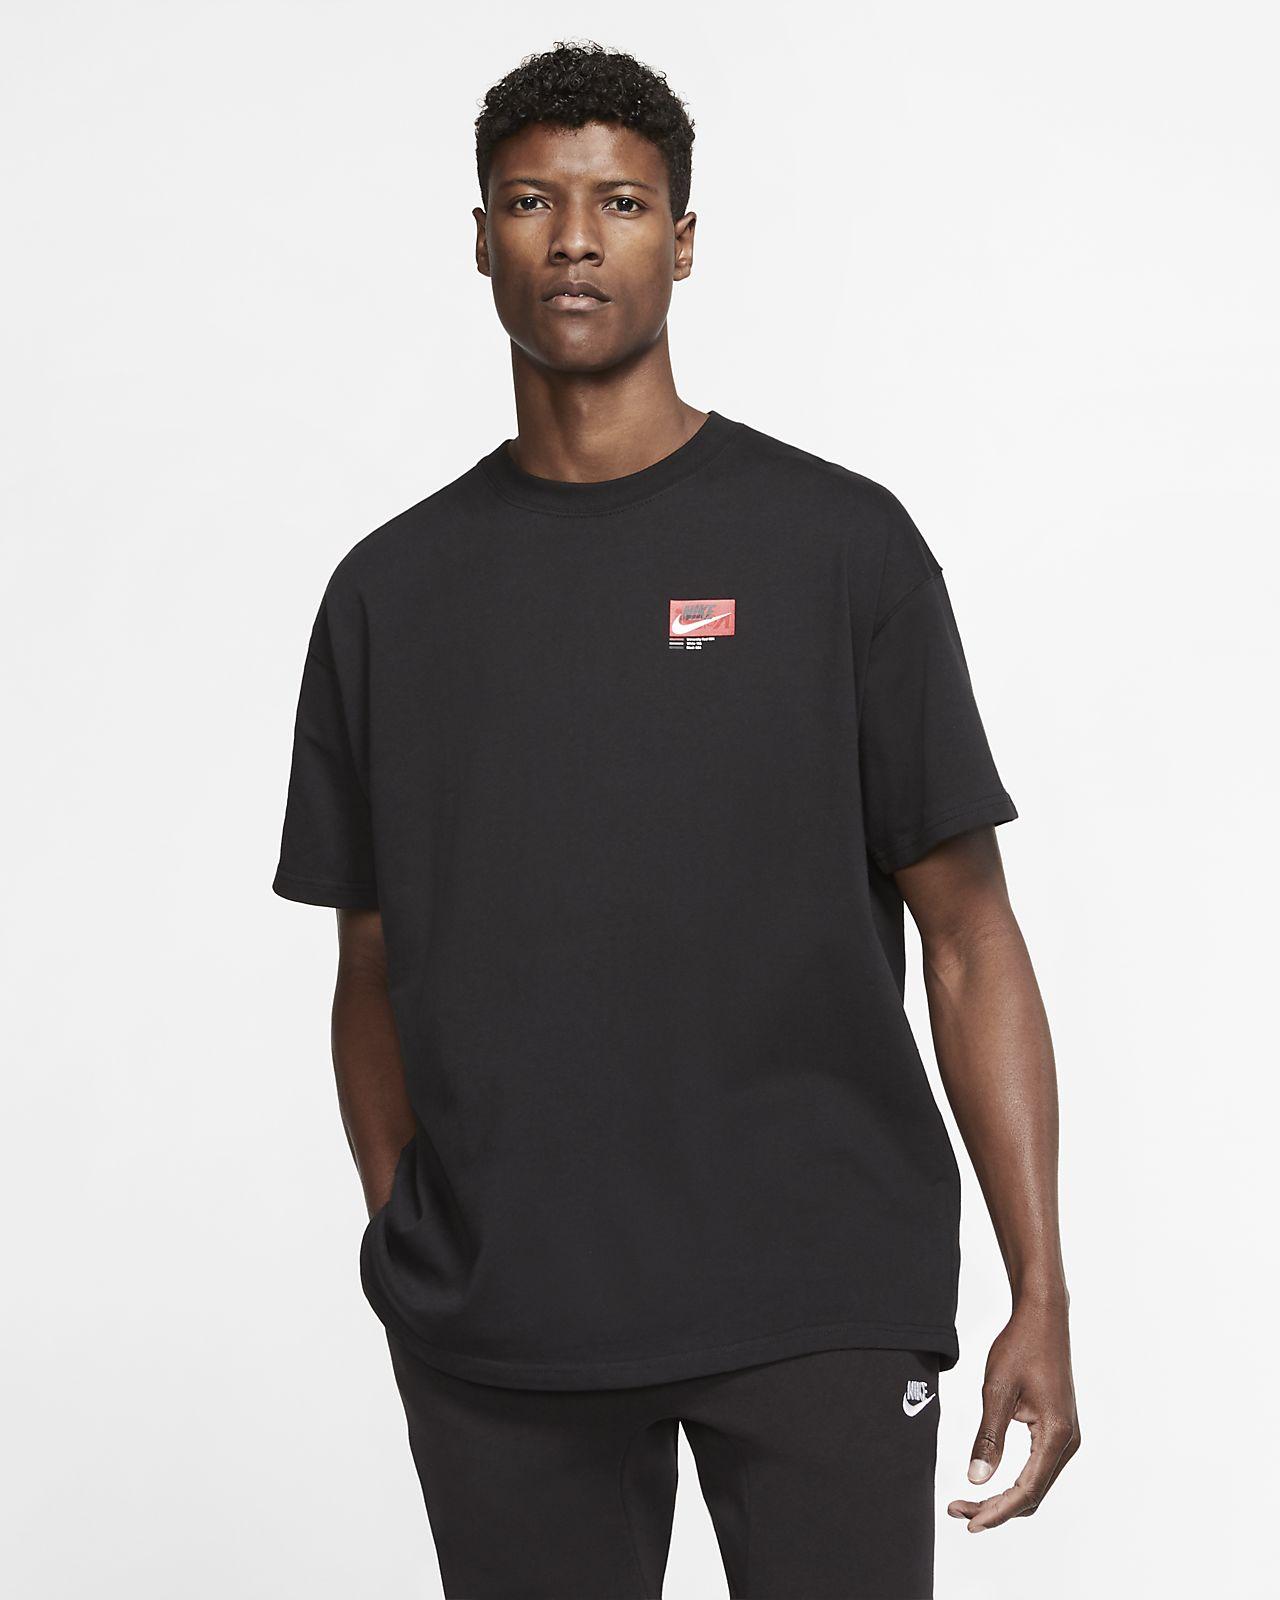 ナイキ ISPA メンズ Tシャツ